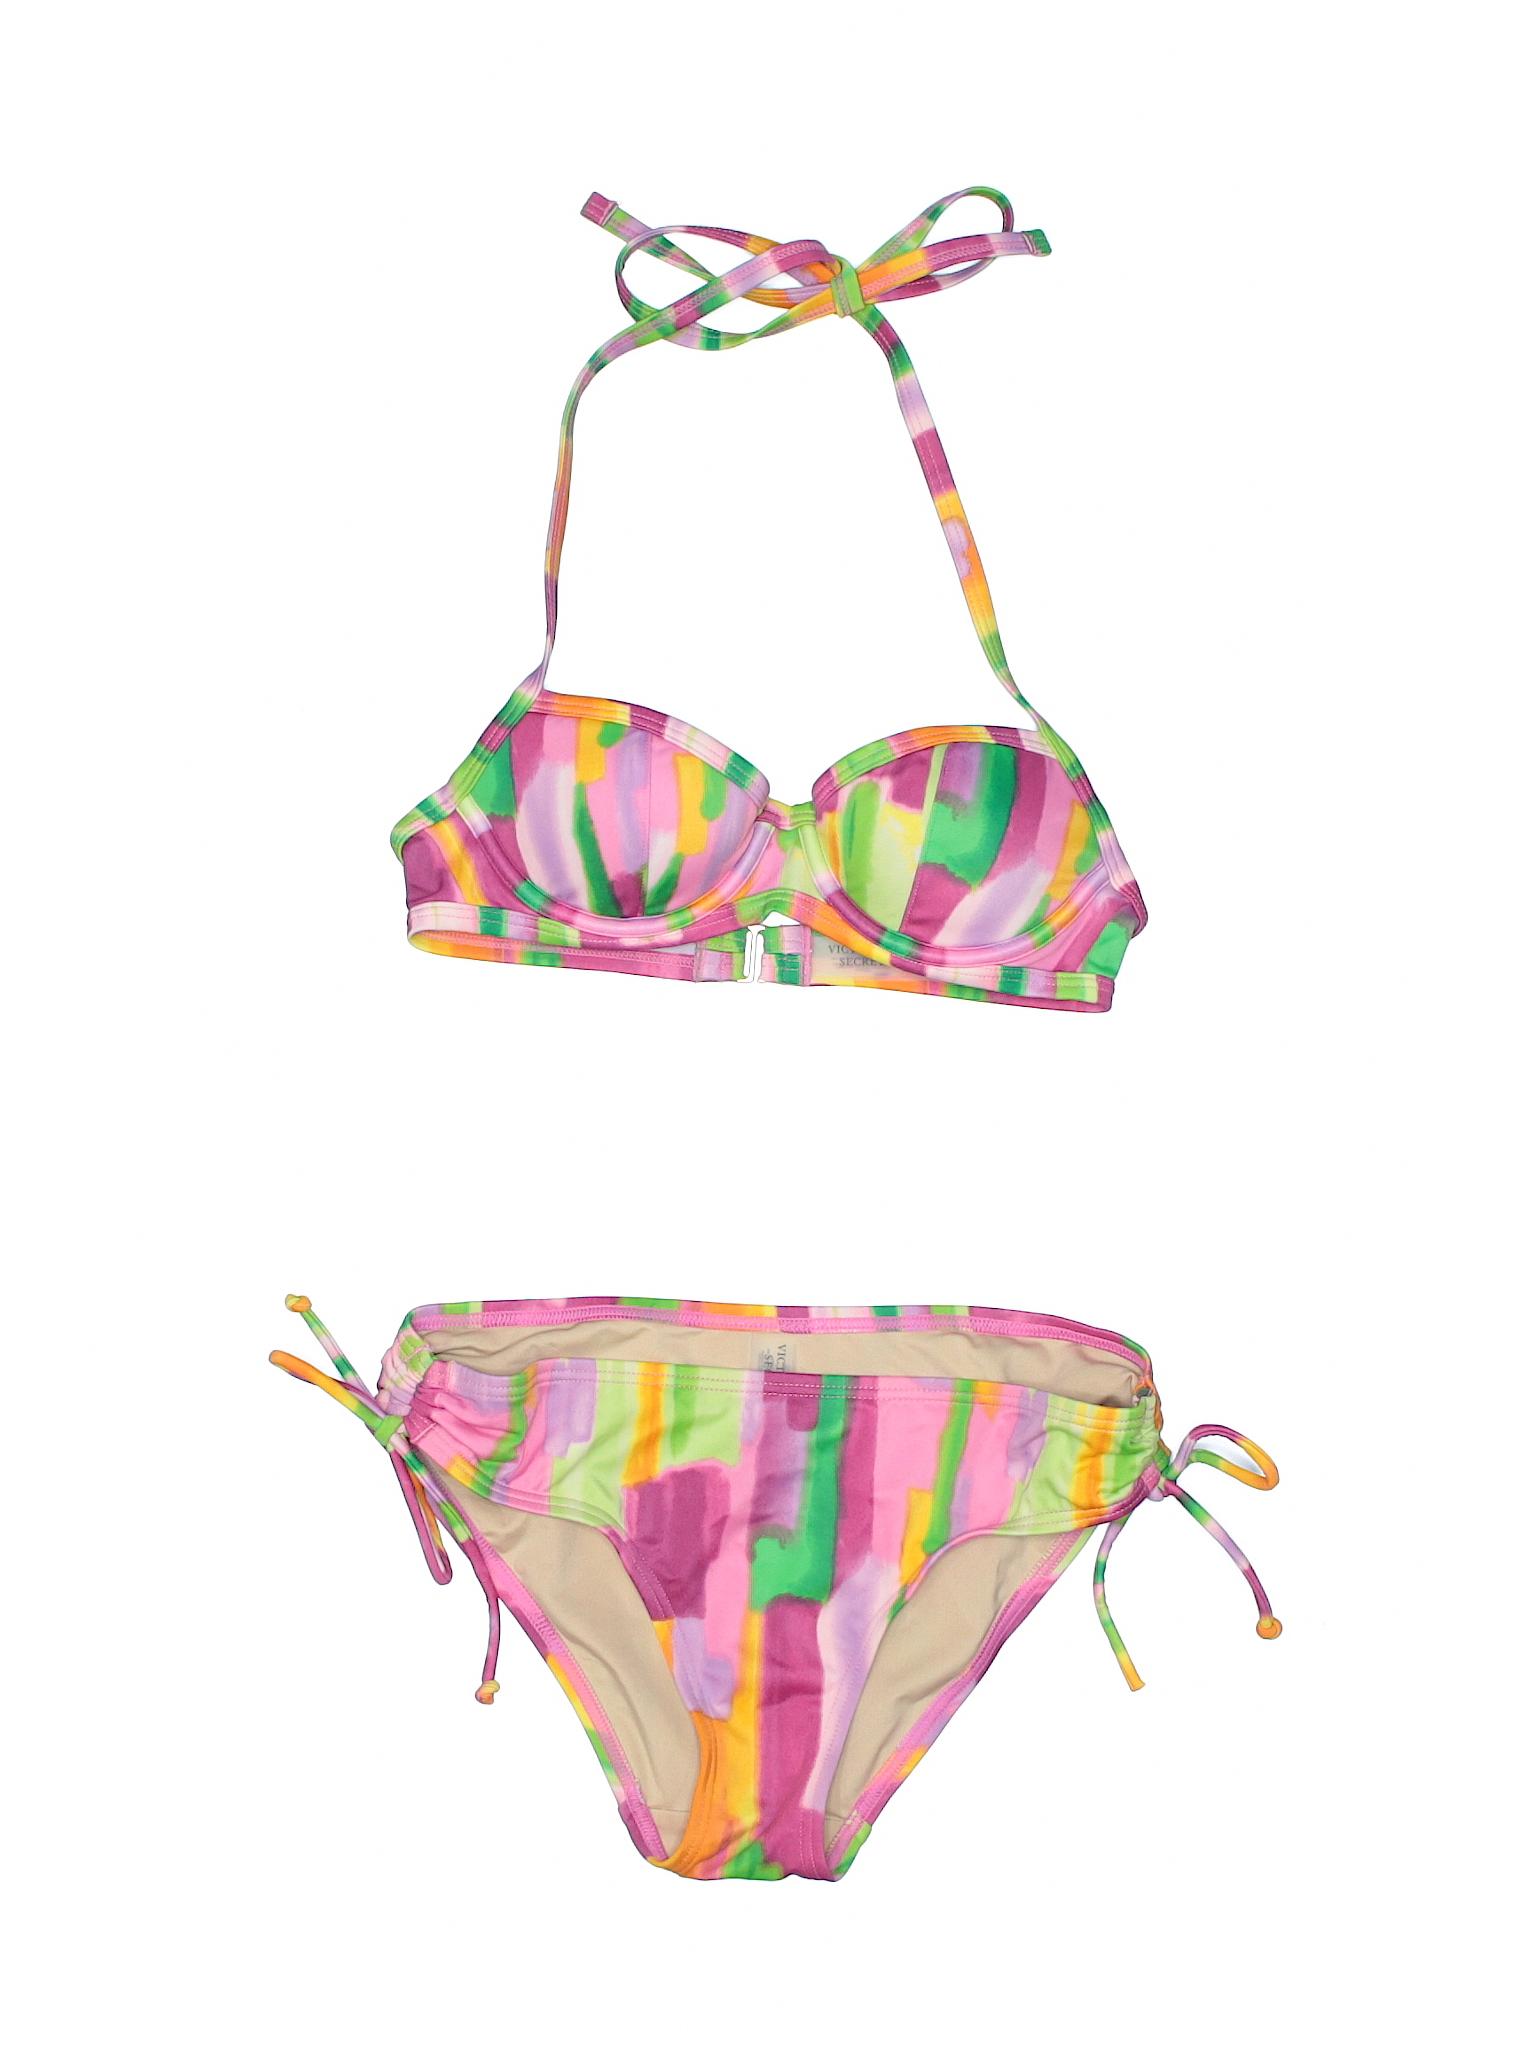 Boutique Swimsuit Victoria's Piece Secret Two wZgqSw